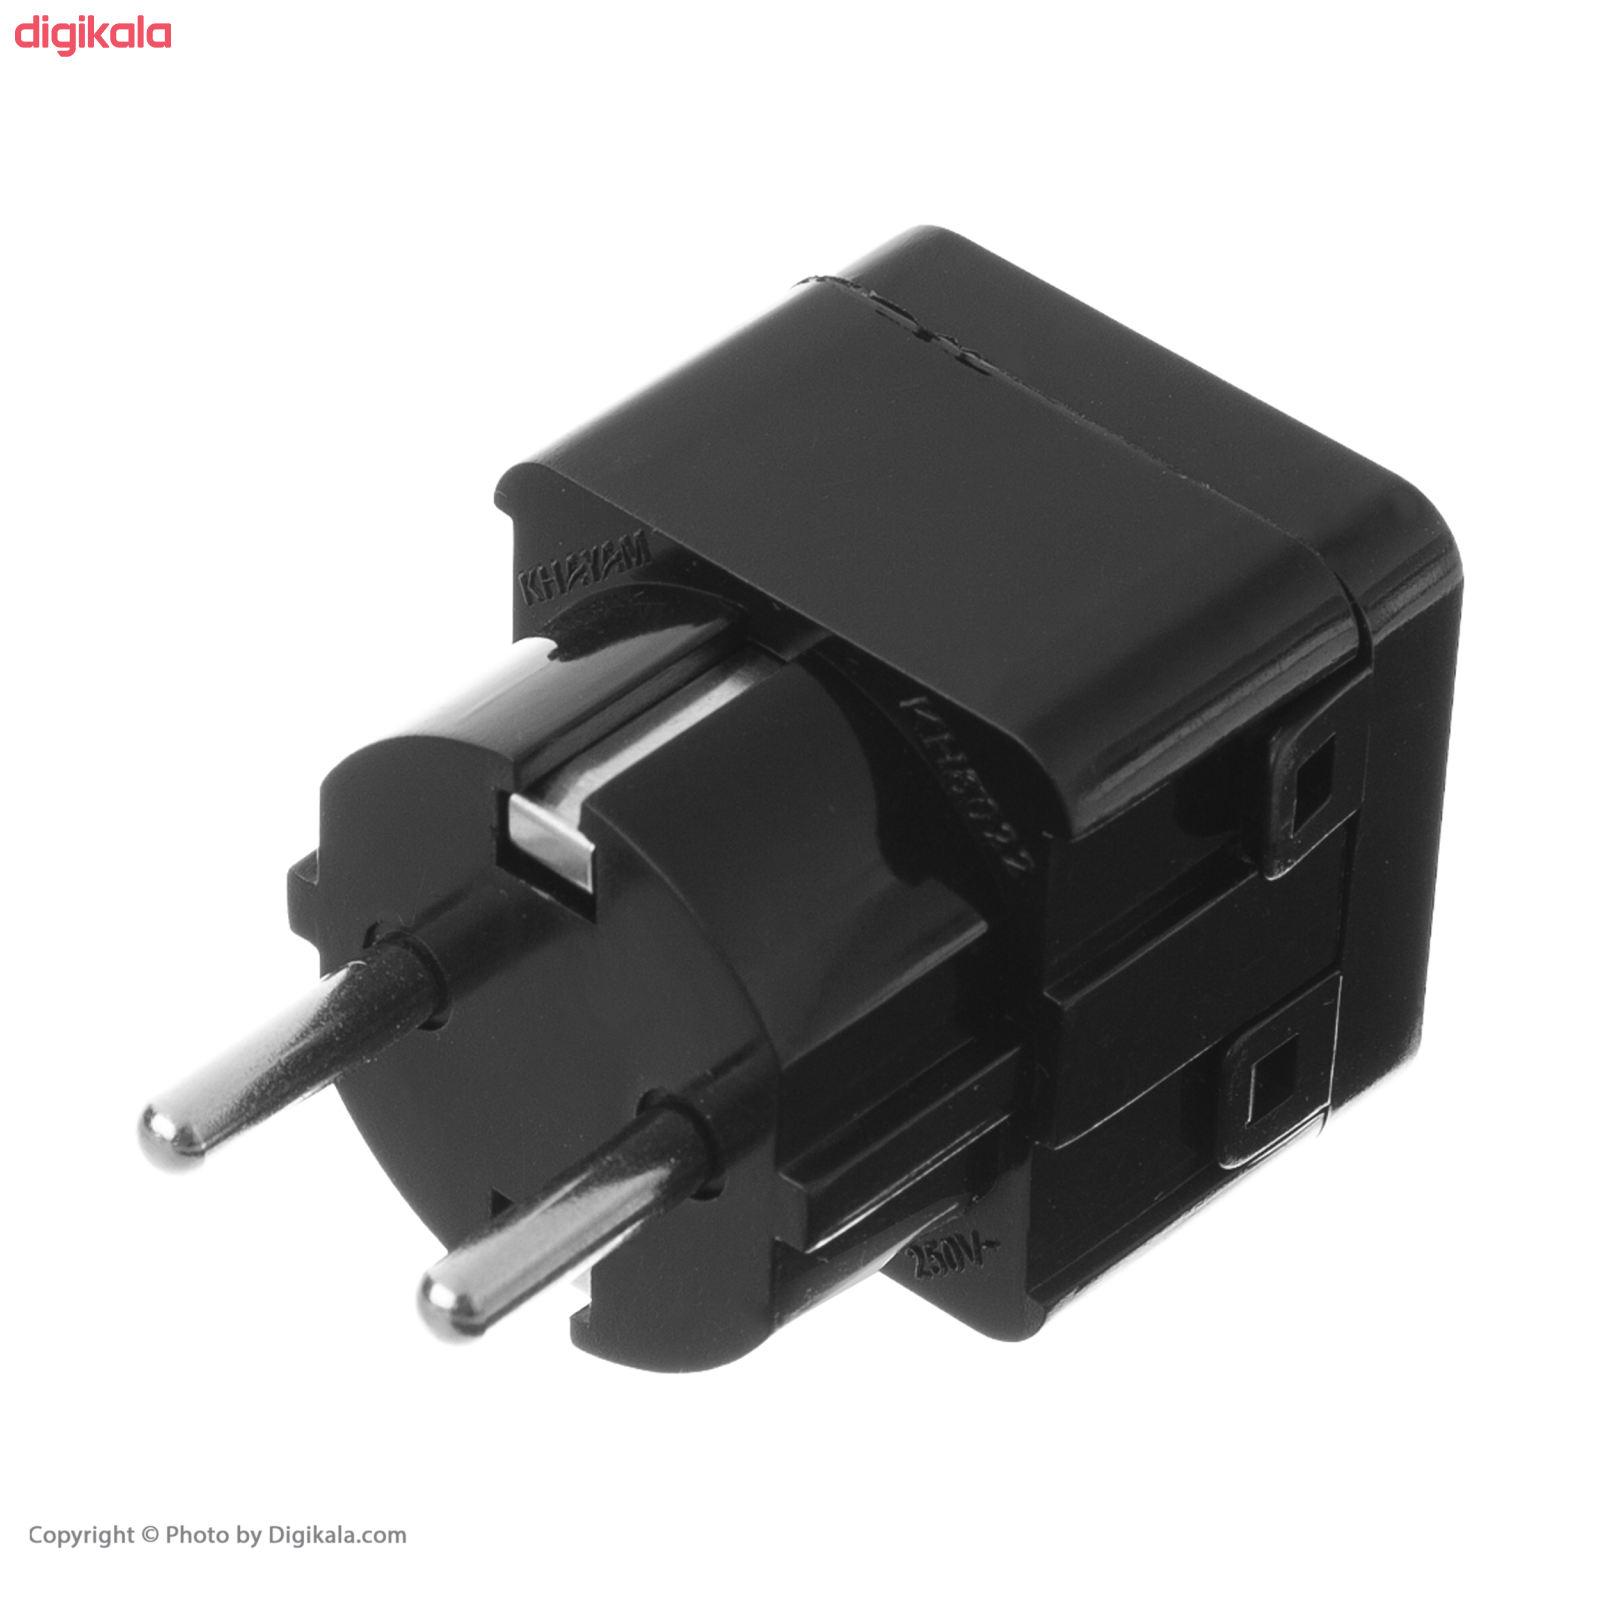 مبدل برق خیام الکتریک مدل KH8022 main 1 5